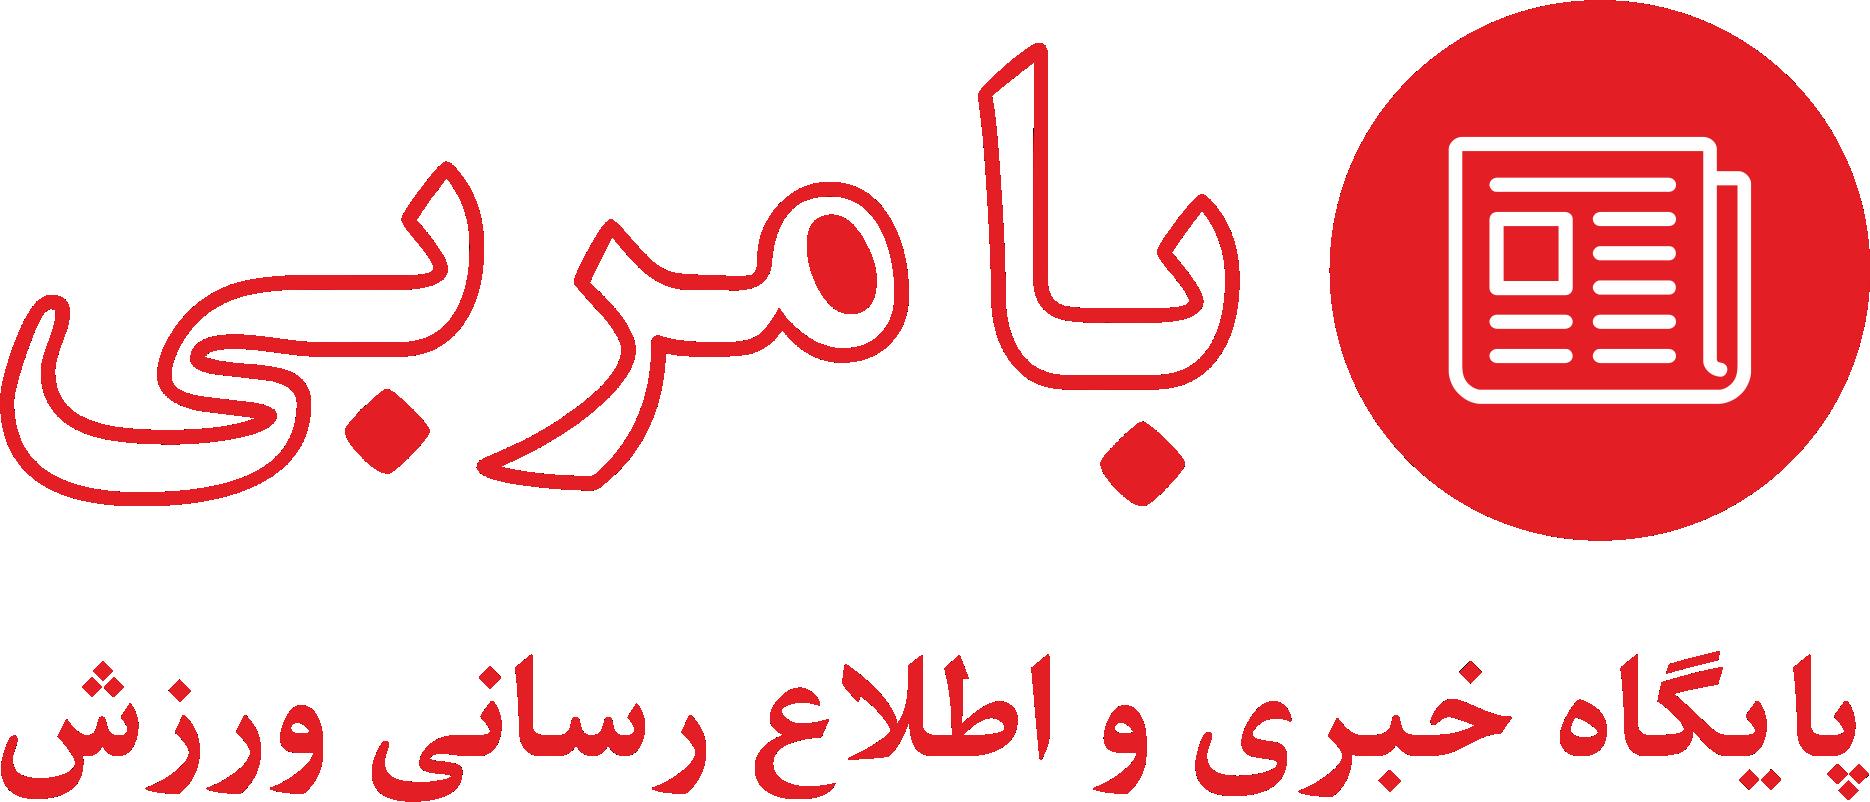 پایگاه خبری و اطلاع رسانی ورزش بامربی